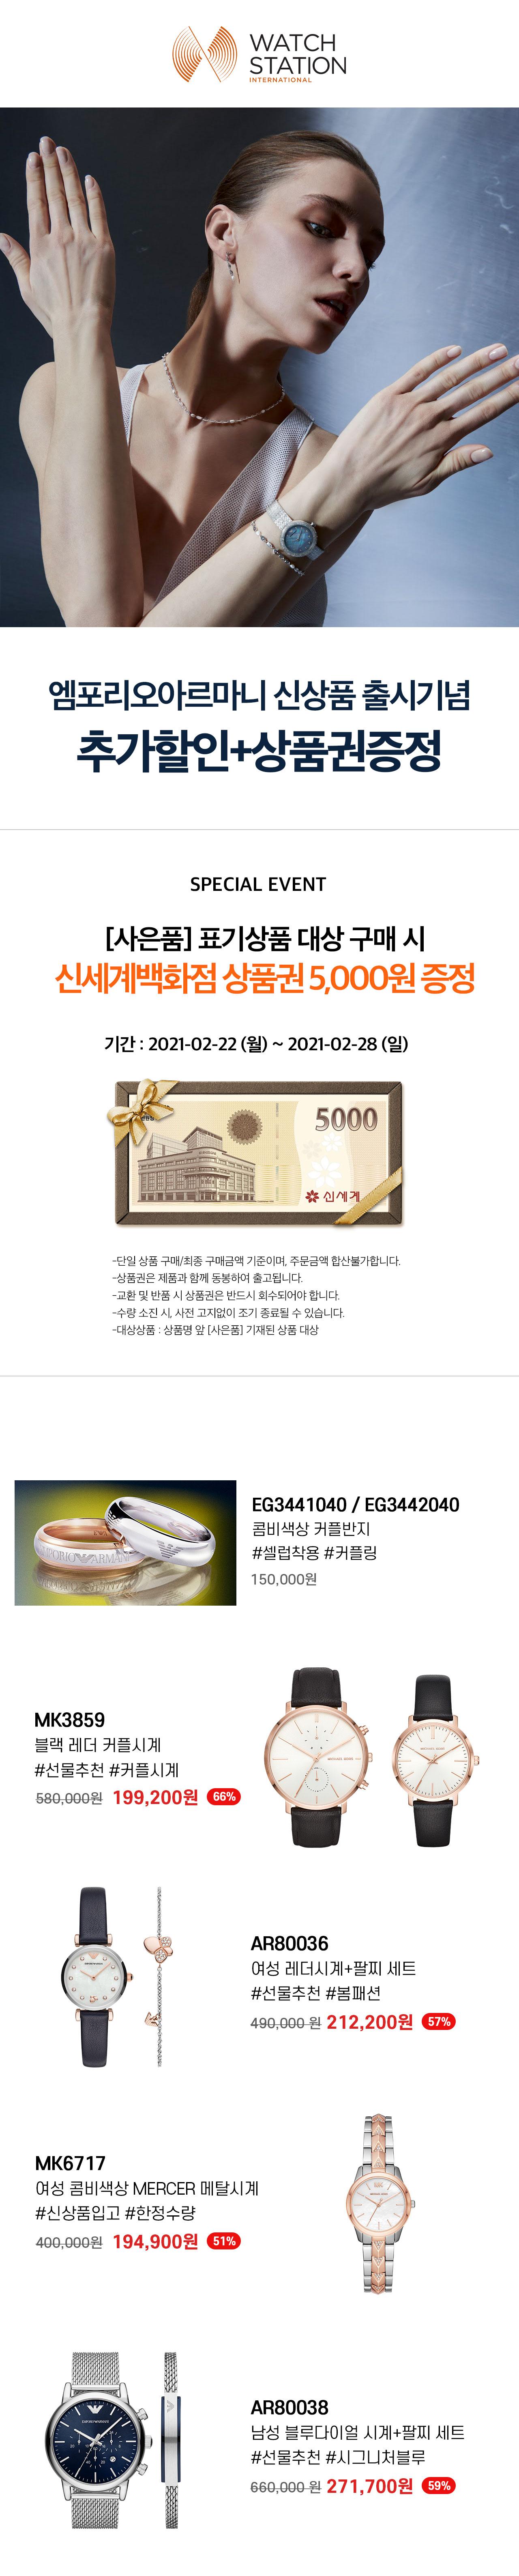 [공식스토어]워치스테이션 입점기념